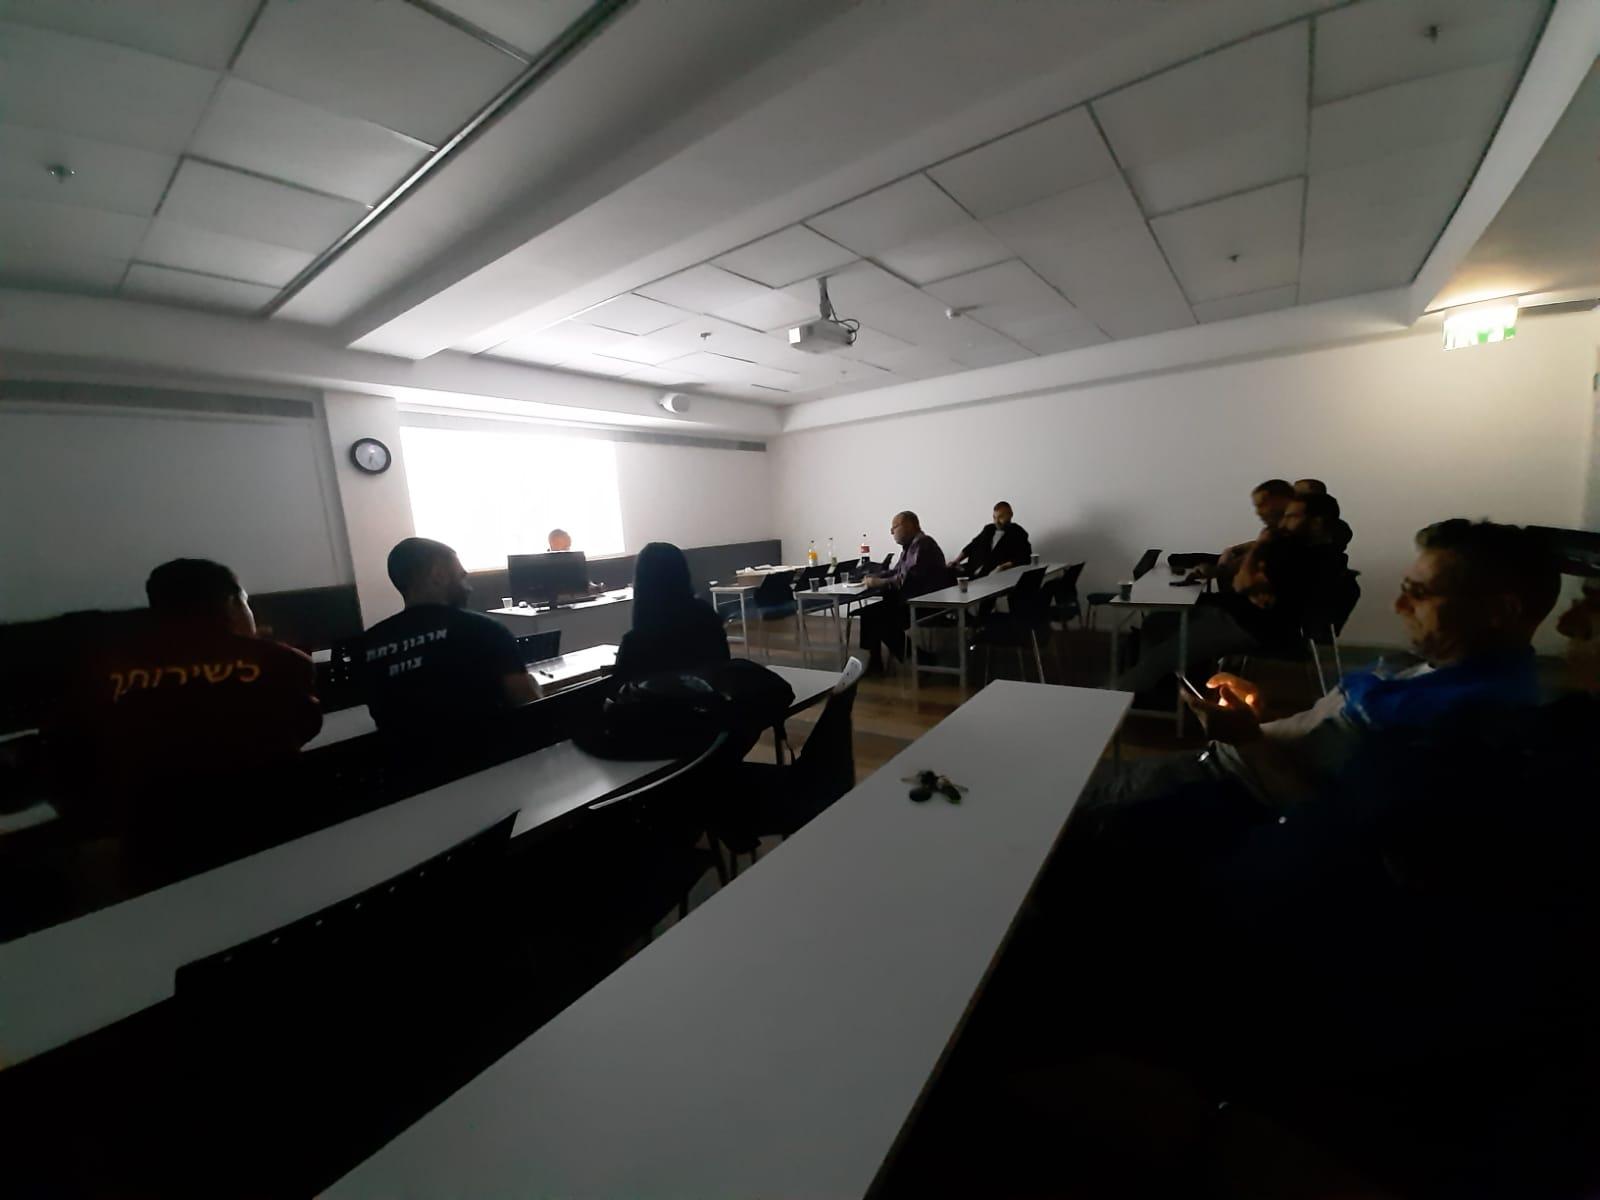 גלרייה - סיום קורס ניהול לוגיסטיקה ומחסן ממוחשב בכיר מחזור 39, 19 מתוך 38